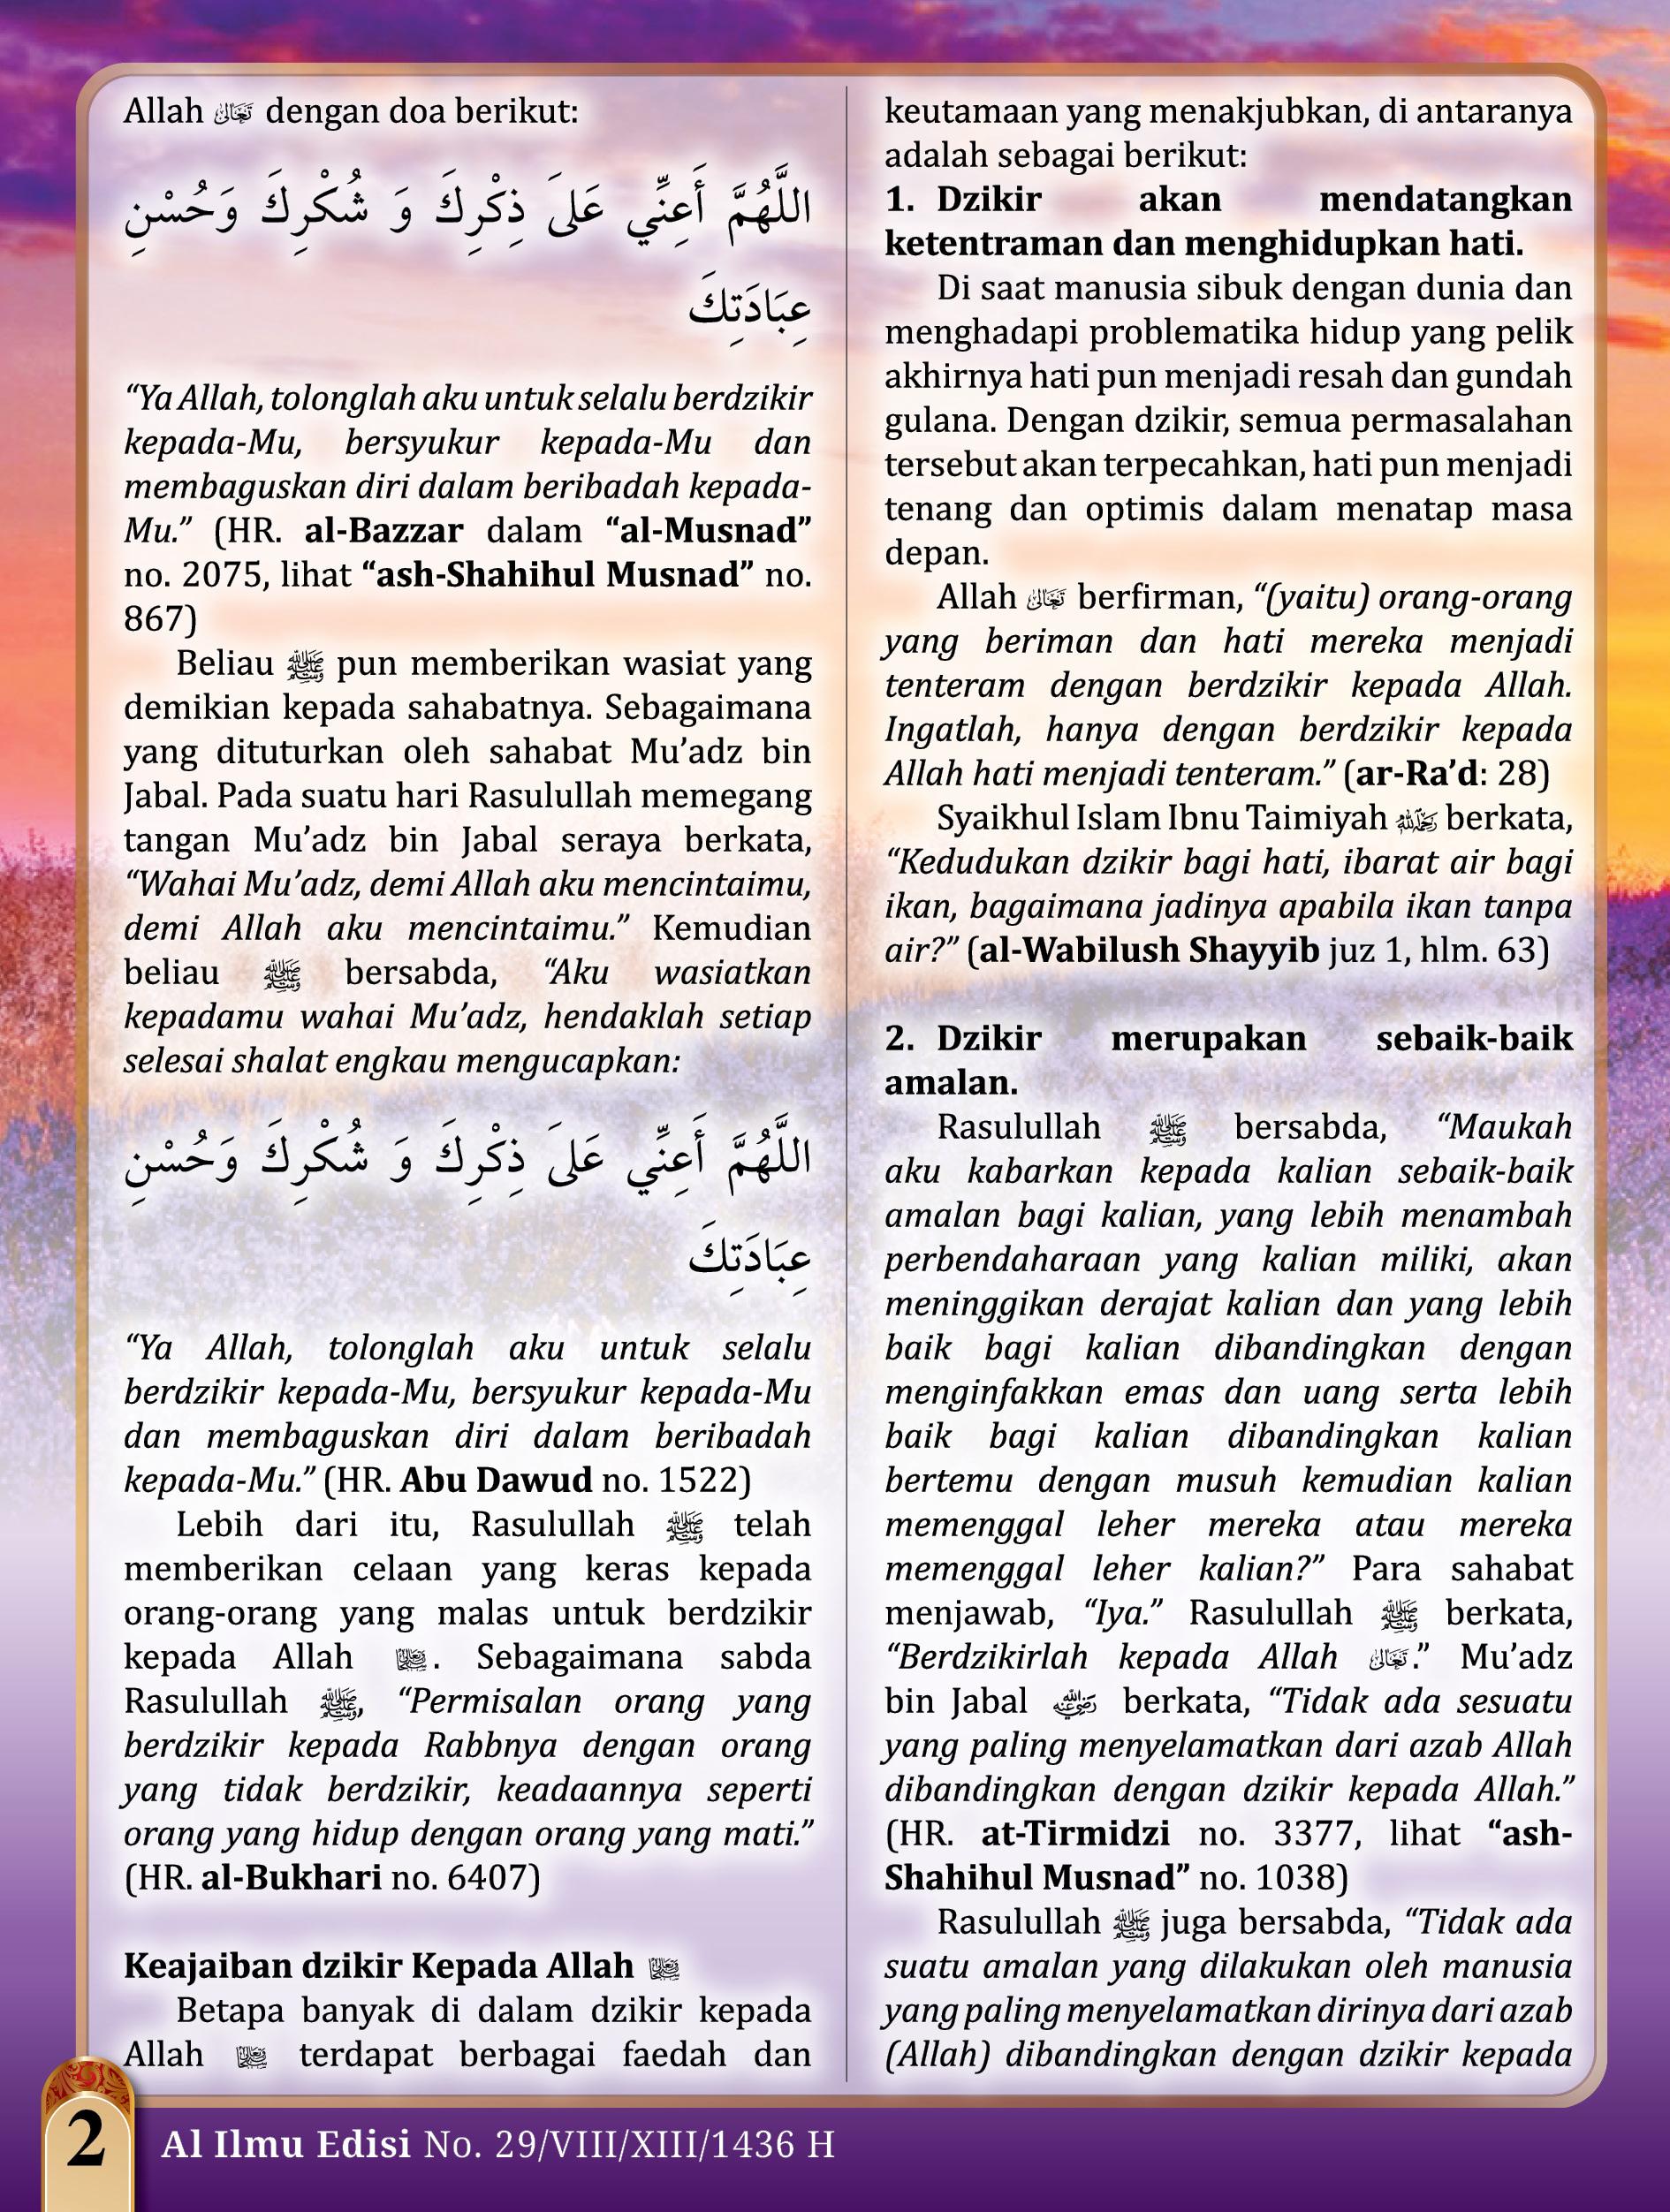 EDISI 29 ADAB 1436 H WEB 2